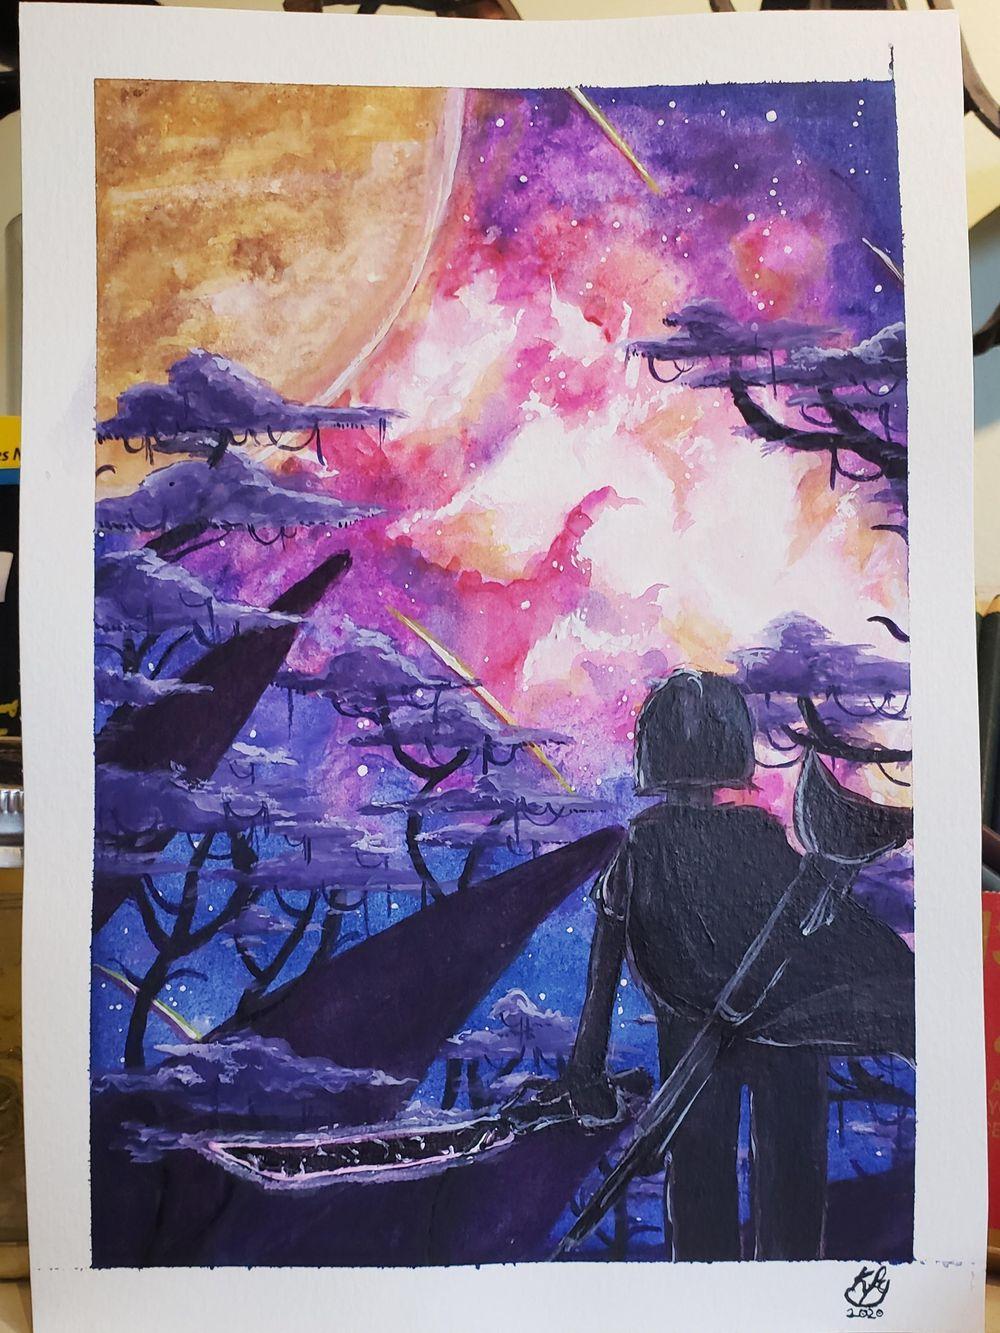 Galaxy Nebula Watercolor - image 1 - student project